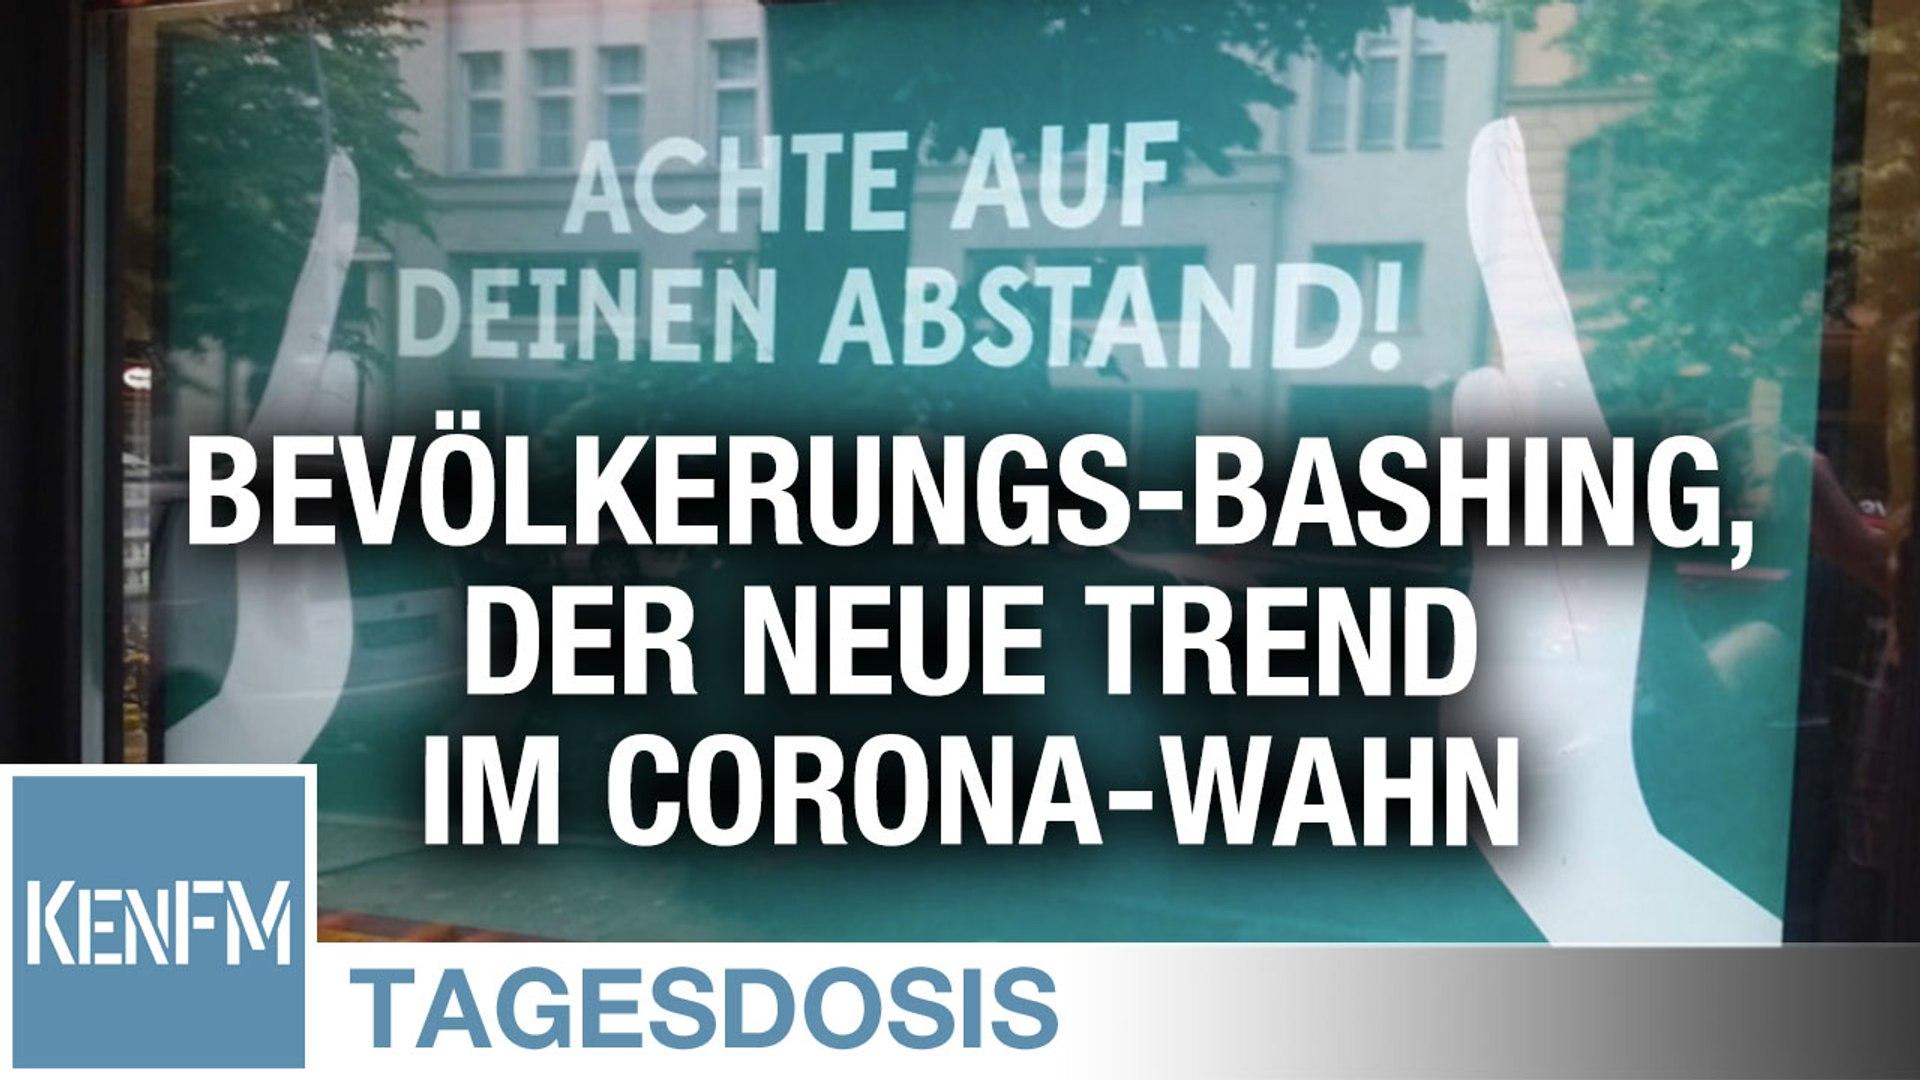 Bevölkerungs-Bashing, der neue Trend im Corona-Wahn – Tagesdosis 27.6.2020